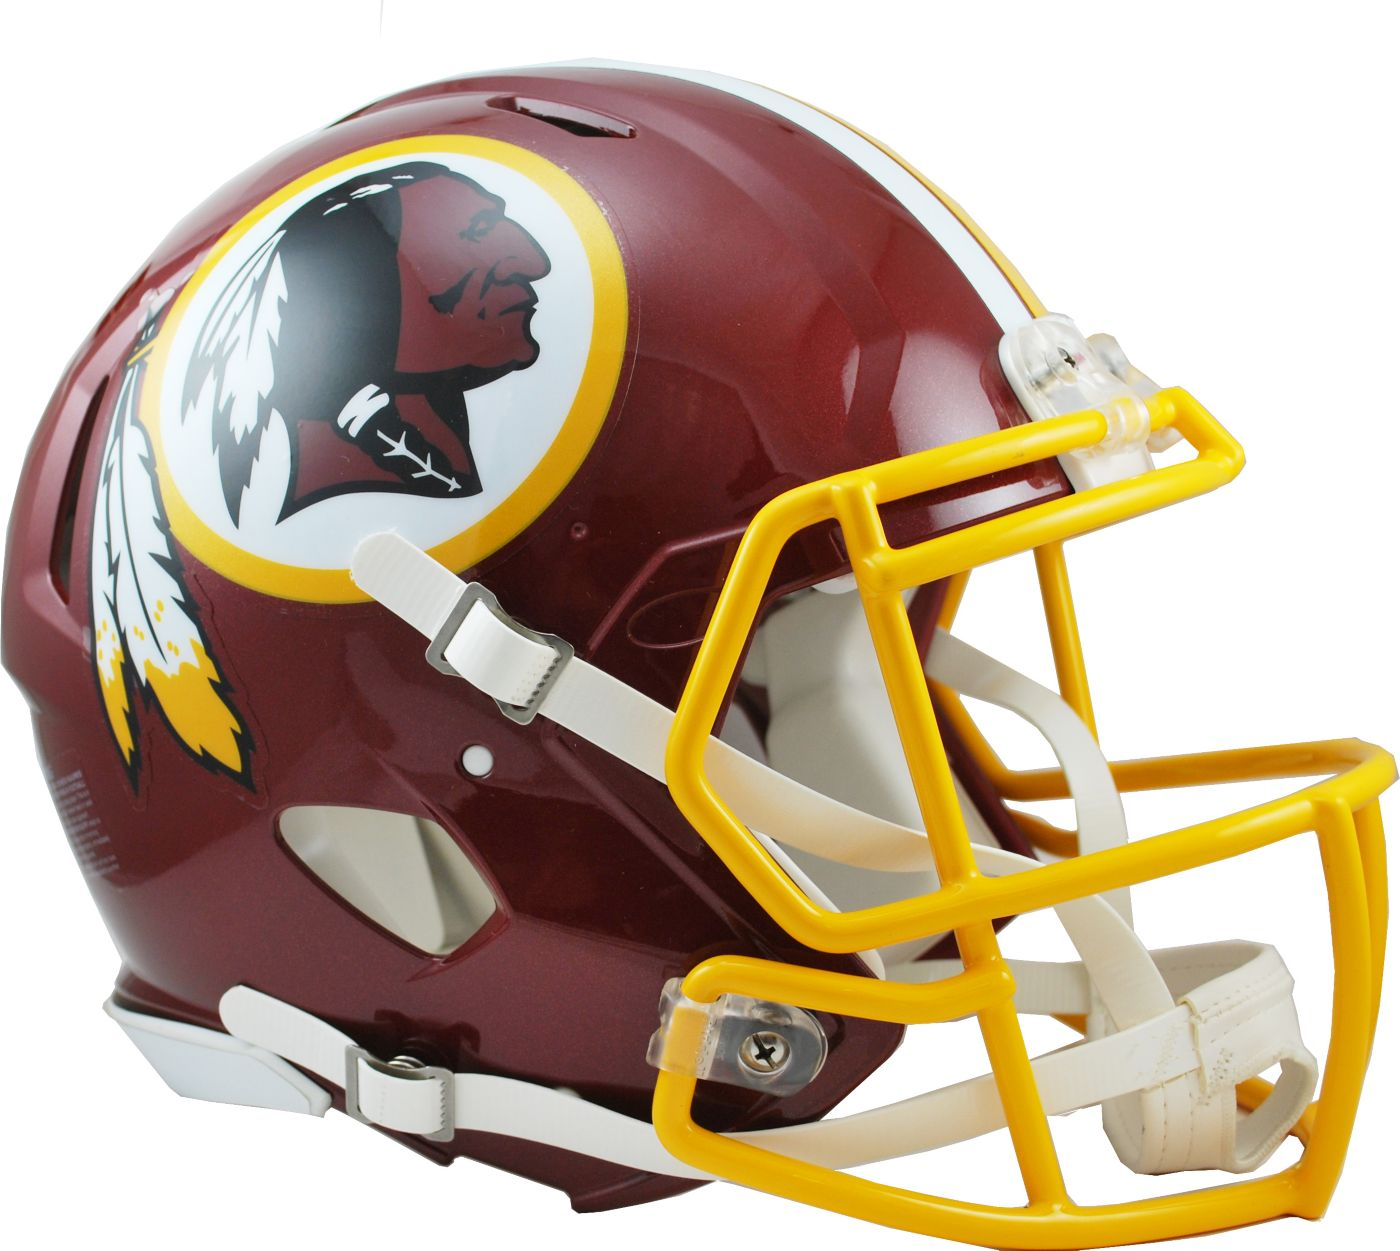 Riddell Washington Redskins Revolution Speed Football Helmet